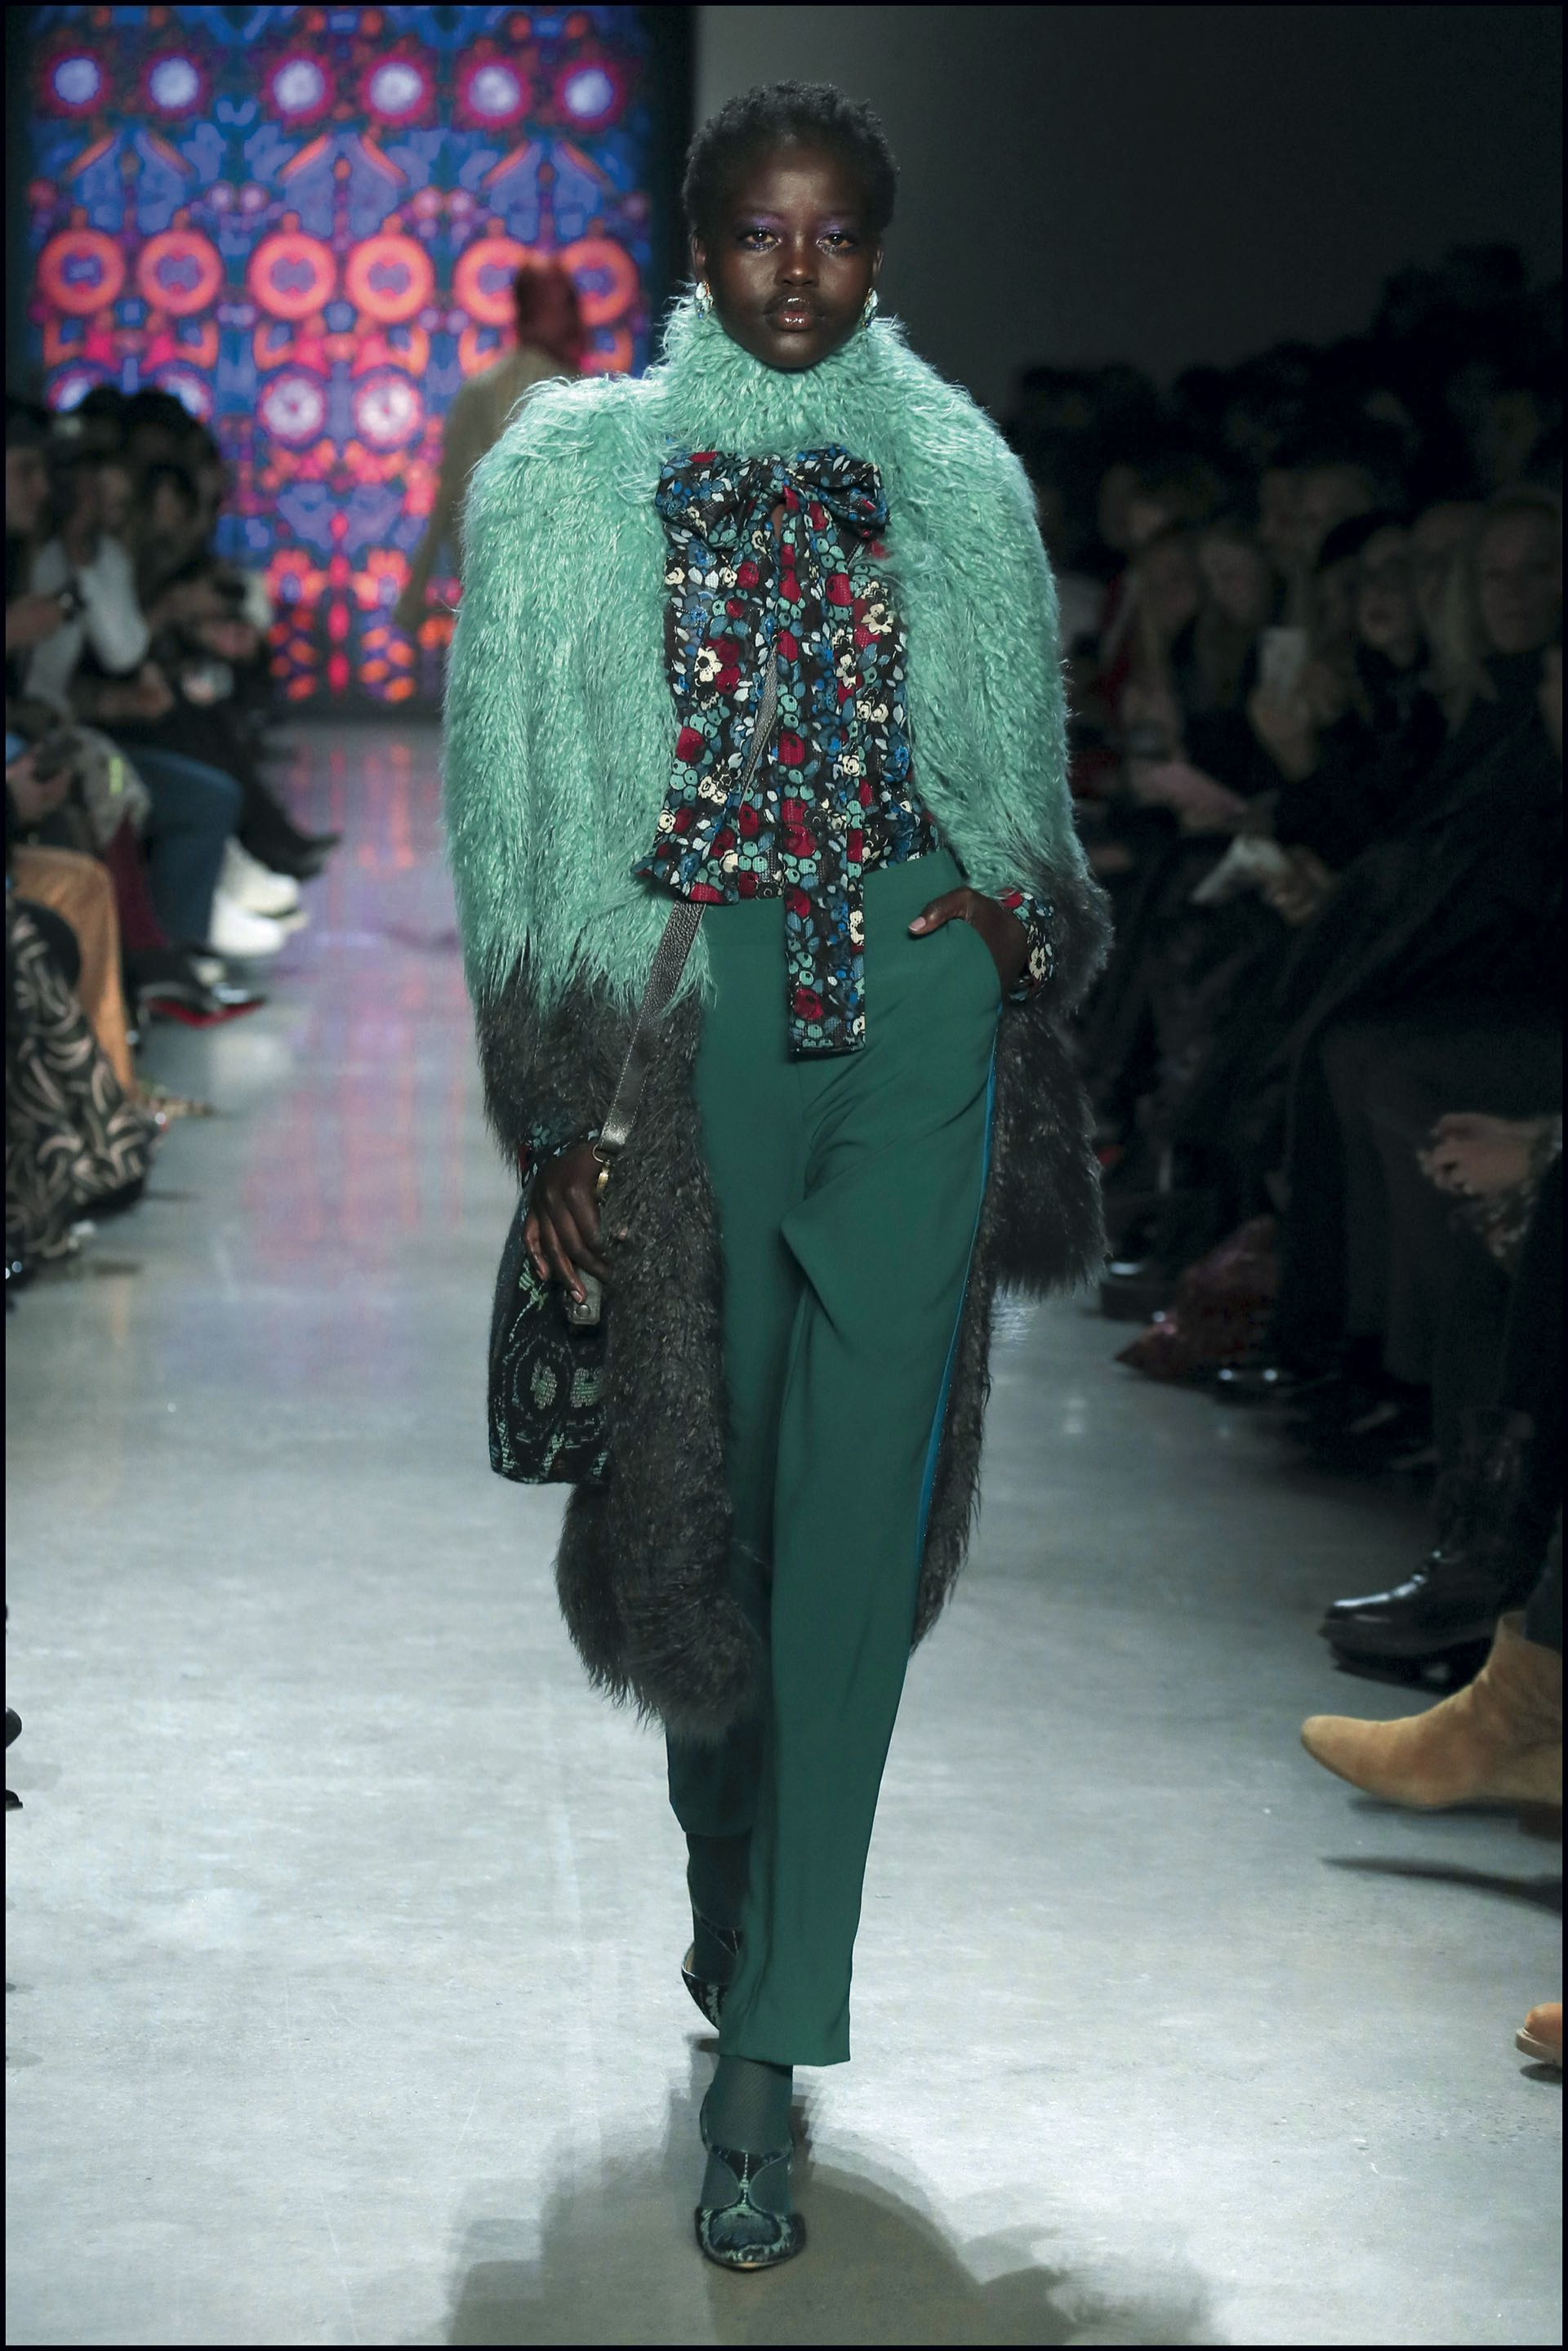 Se vieron medias de colores, prints florales y geométricos, prendas de piel falsa, camisas con lazos y mangas amplias.